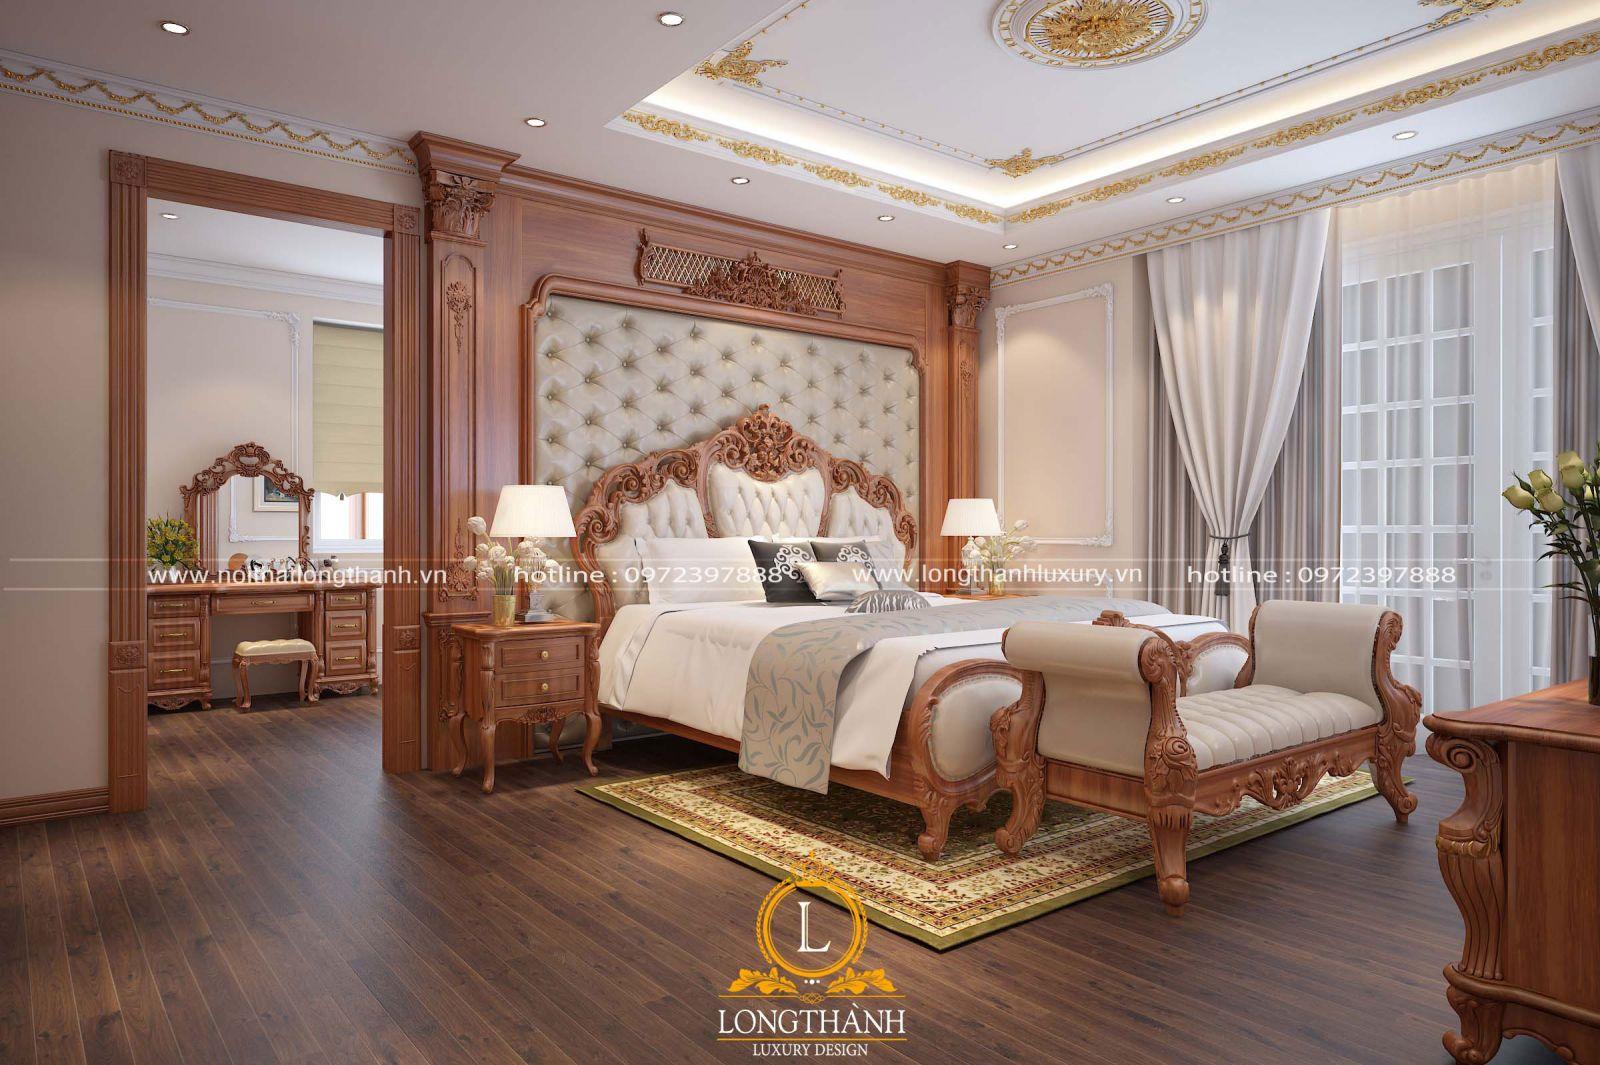 Chất liệu cao cấp được sử dụng cho căn phòng ngủ tân cổ điển